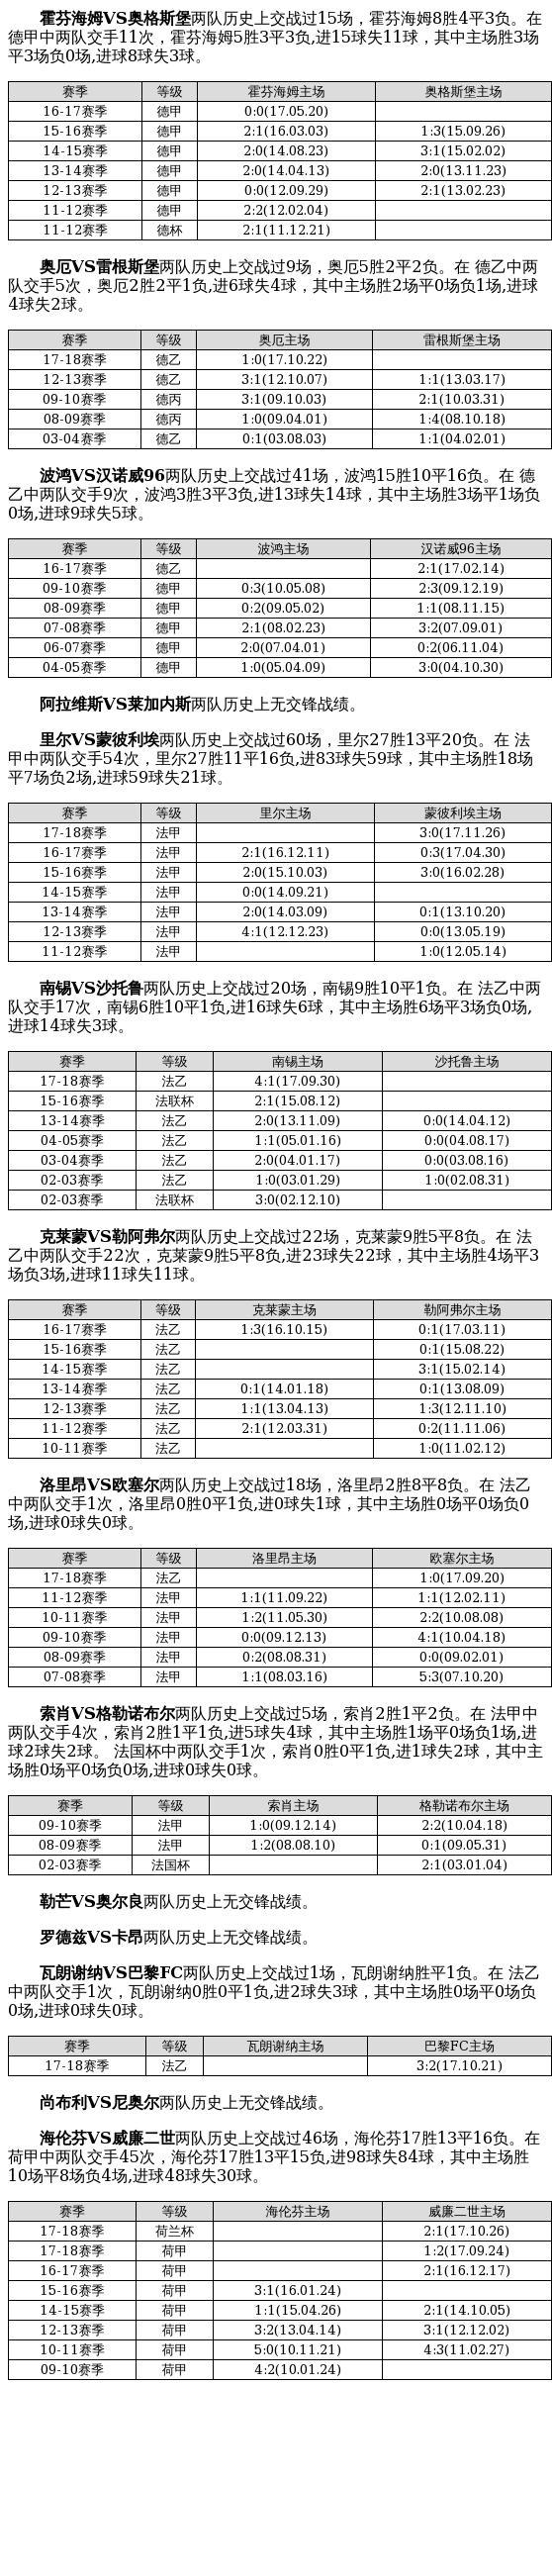 中国足球彩票19174期胜负游戏14场交战记录